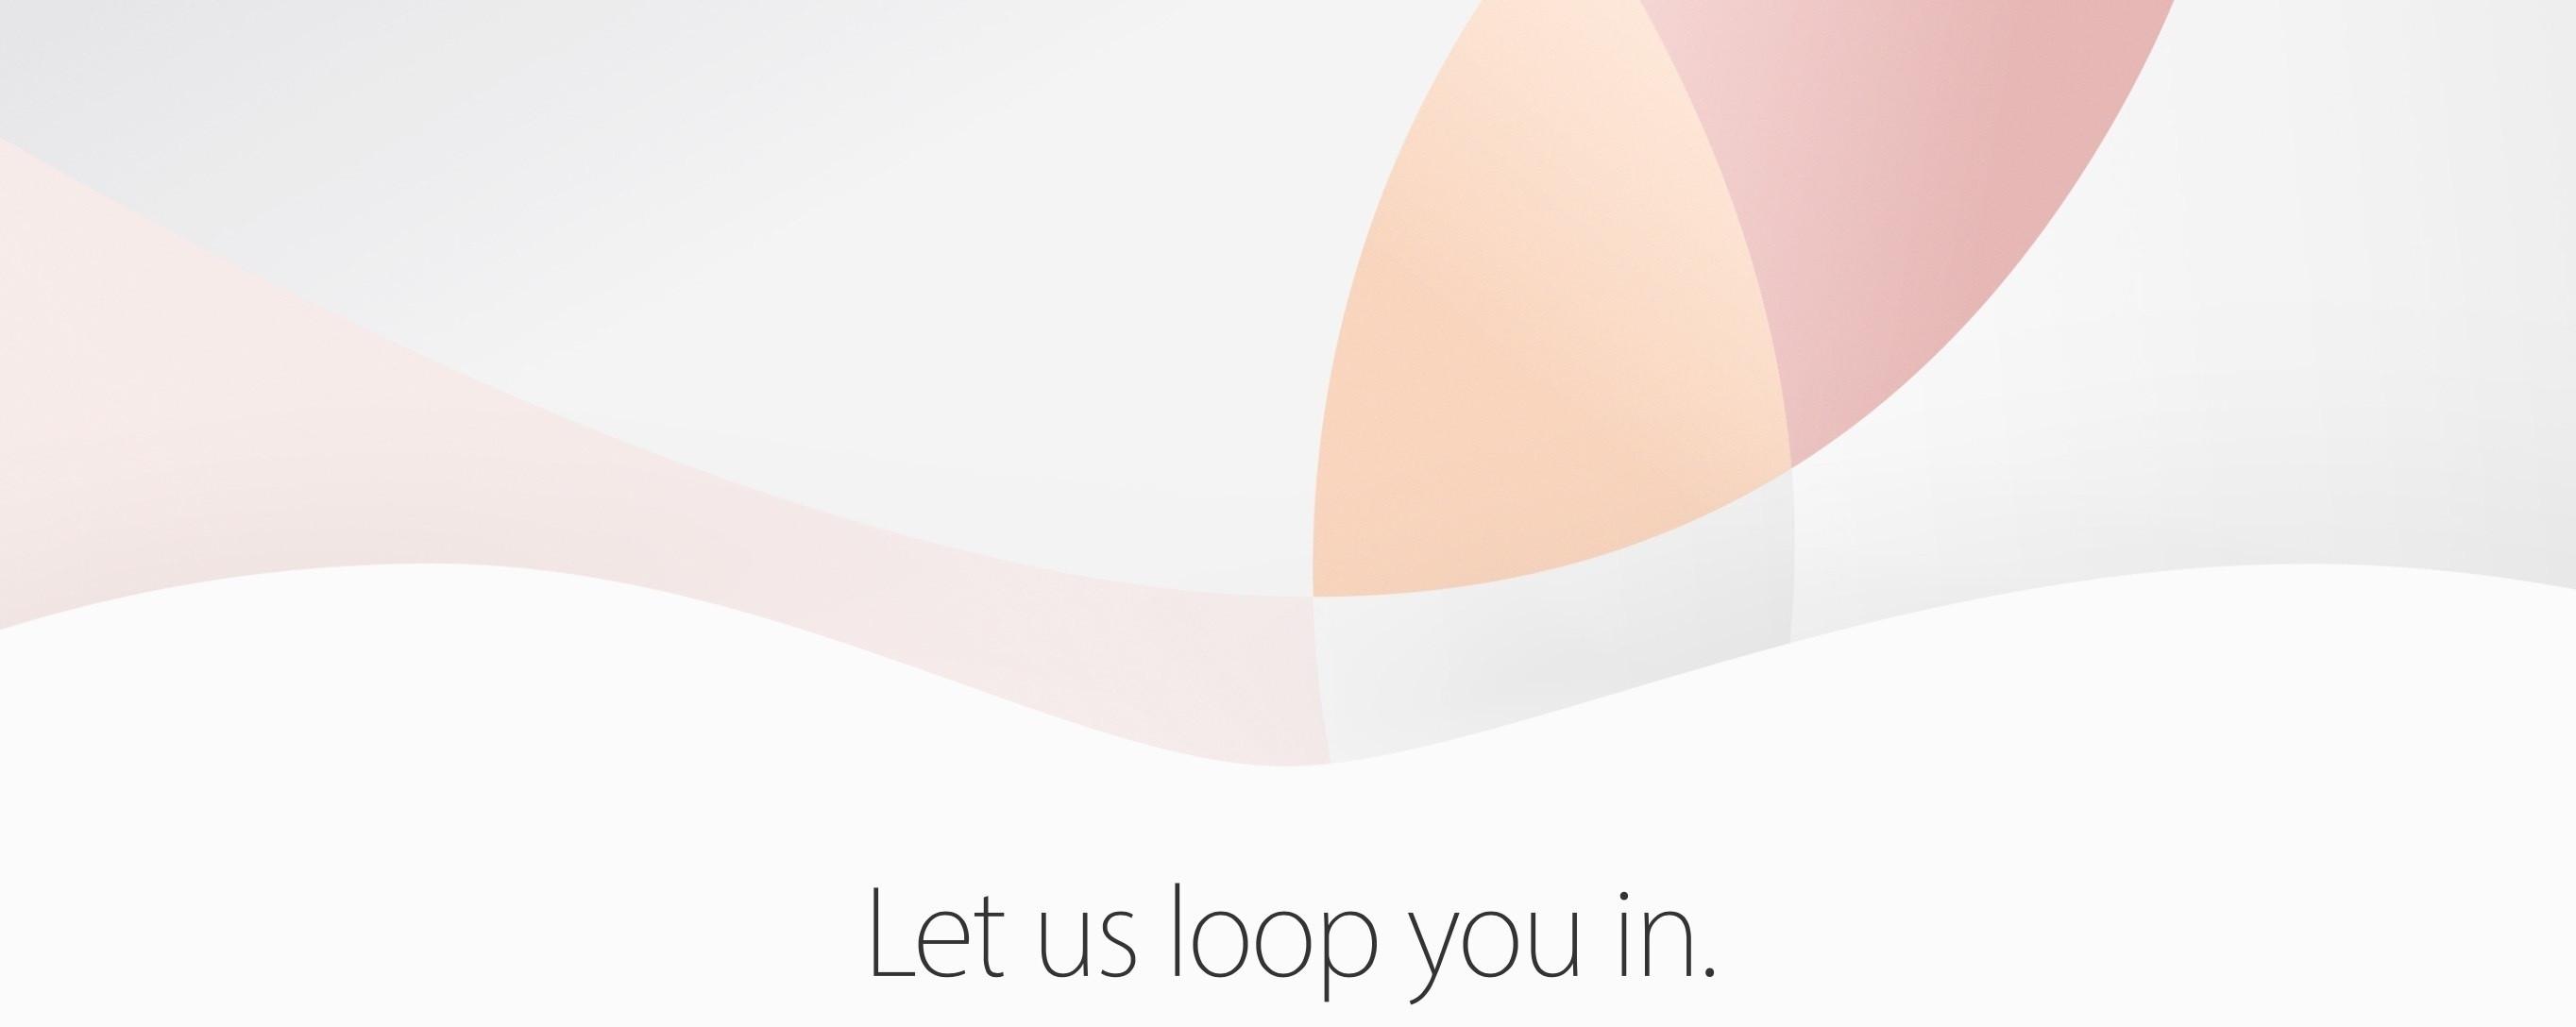 1457775762_apple-21-mart-etkinlik-featured.jpeg